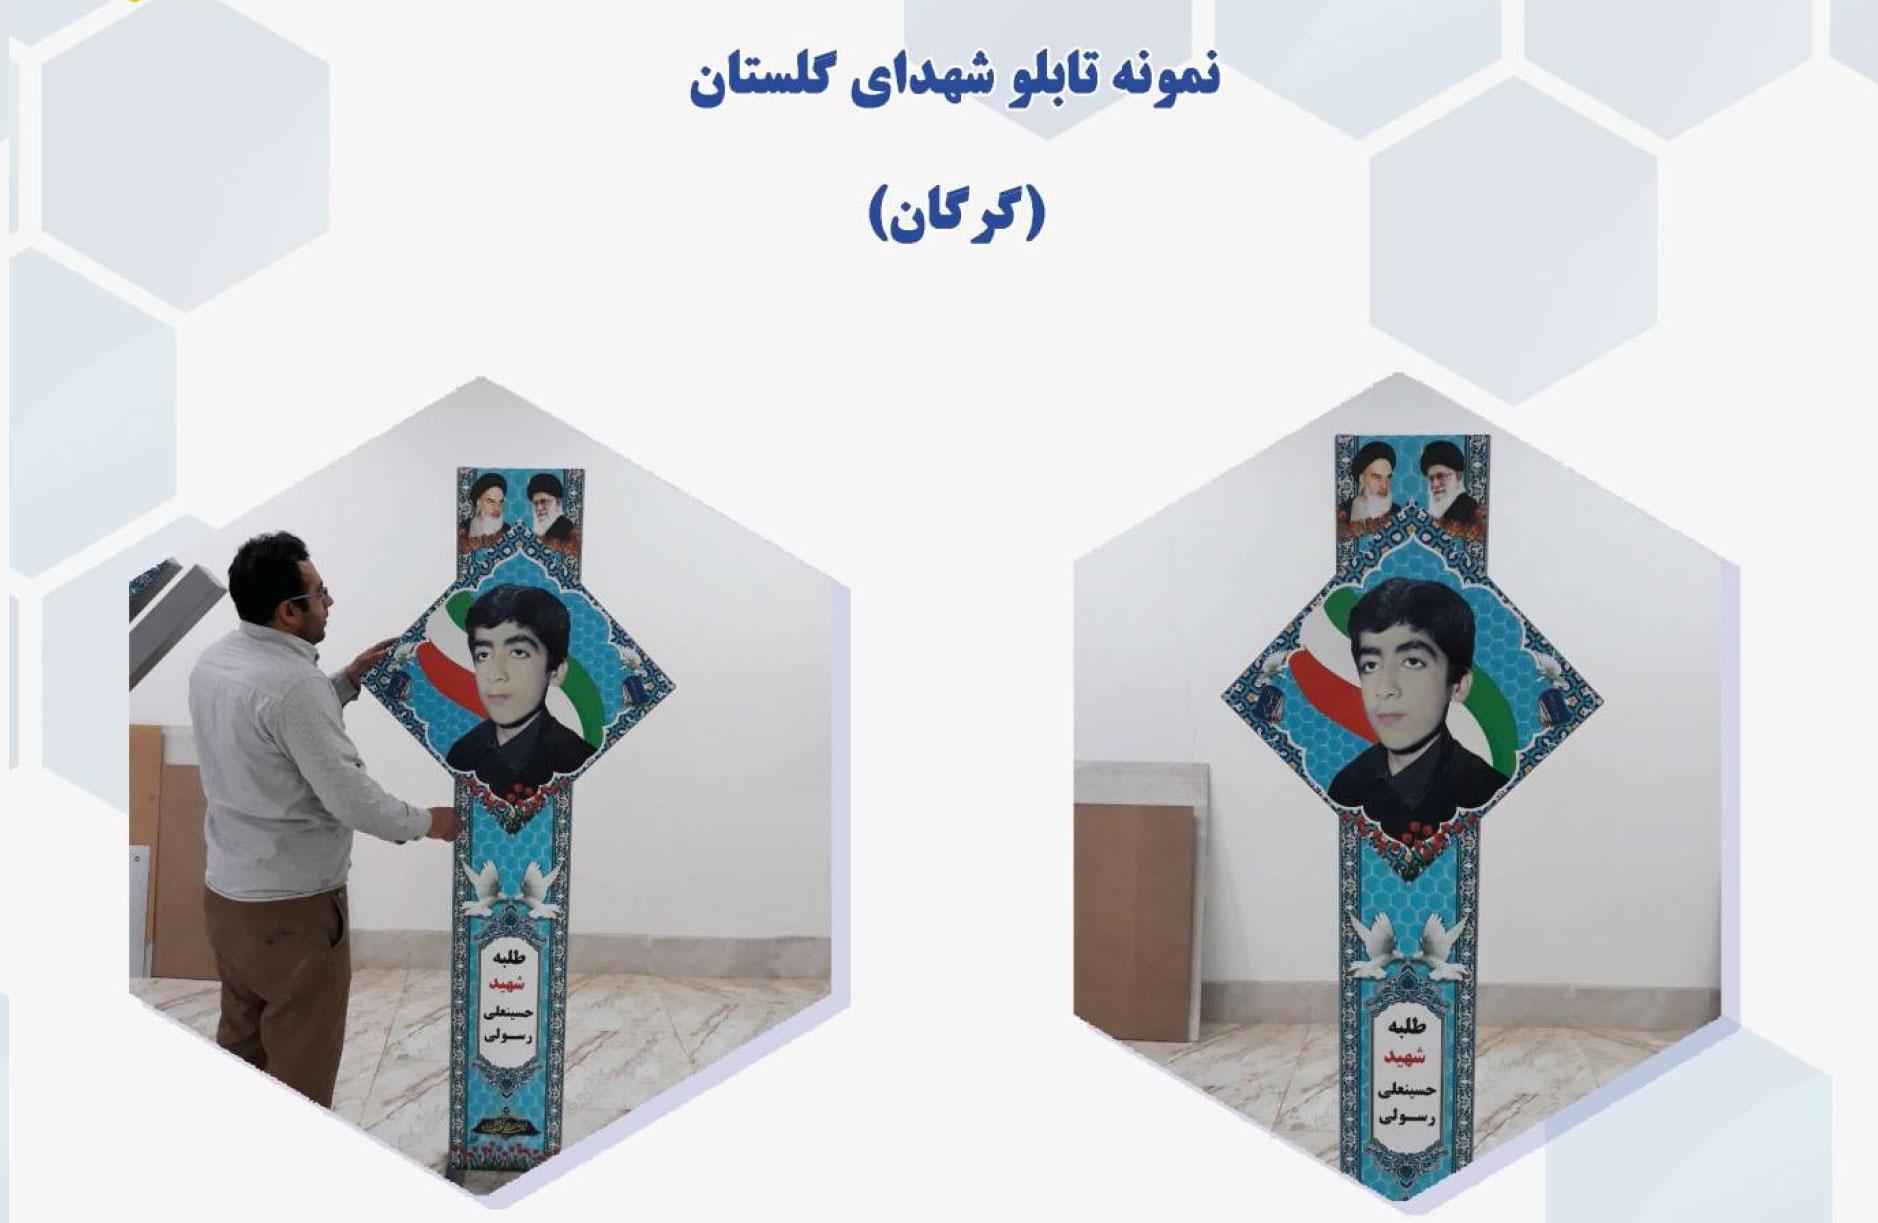 پروژه تابلو شهدای گلستان (گرگان)